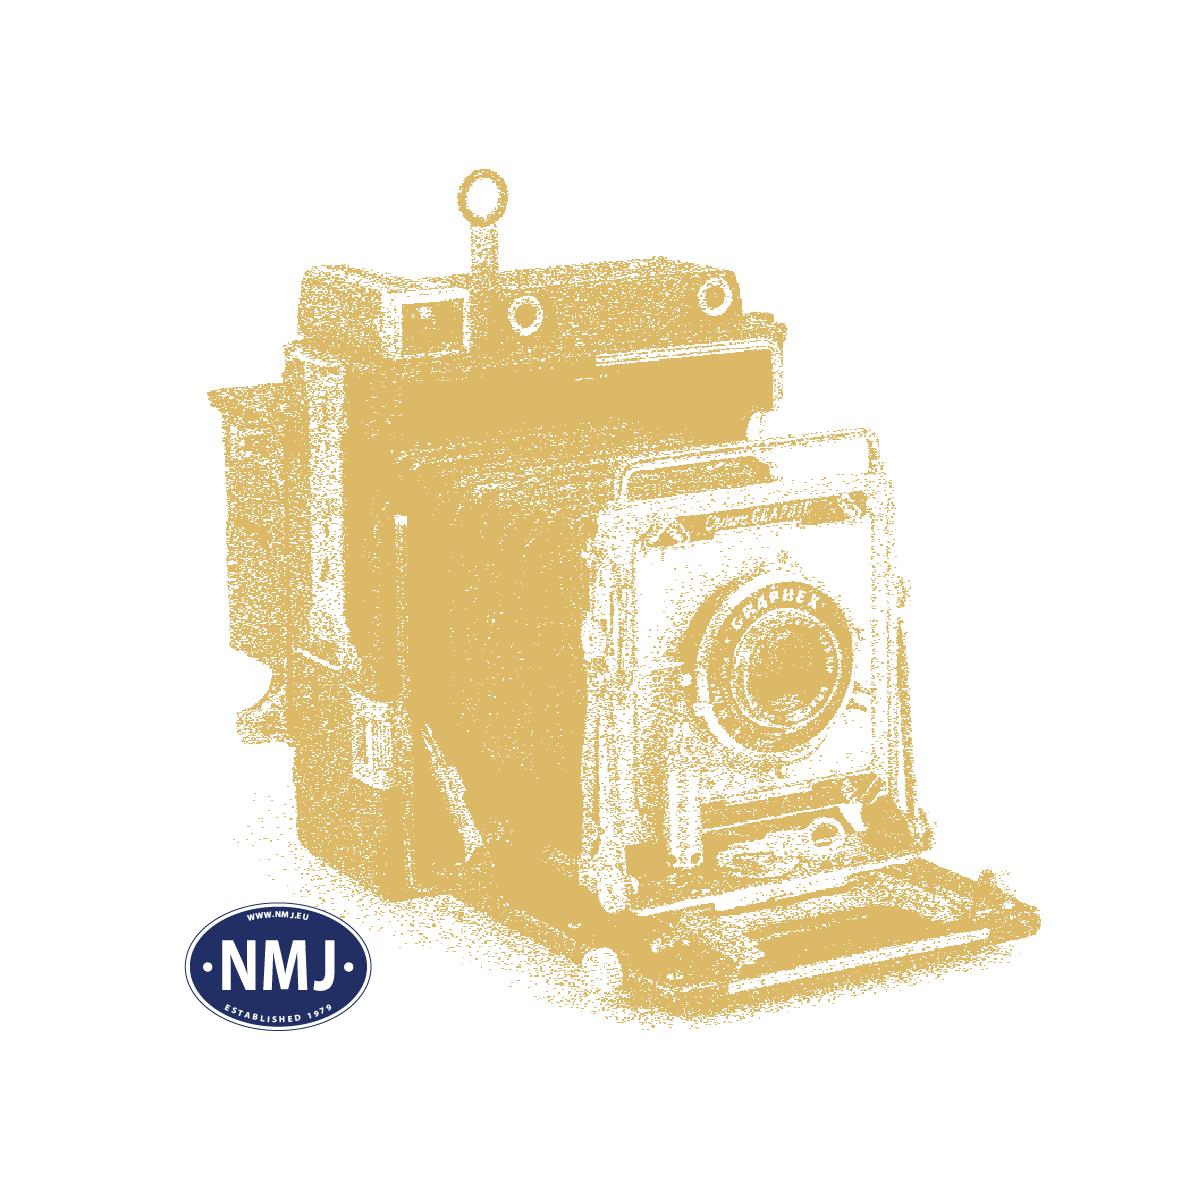 NMJE89901 - *NMJ 40 ÅR* - Baneservice/Jernbaneverket Diesellok MZ 1461 Frigg, DCC m/ Lyd